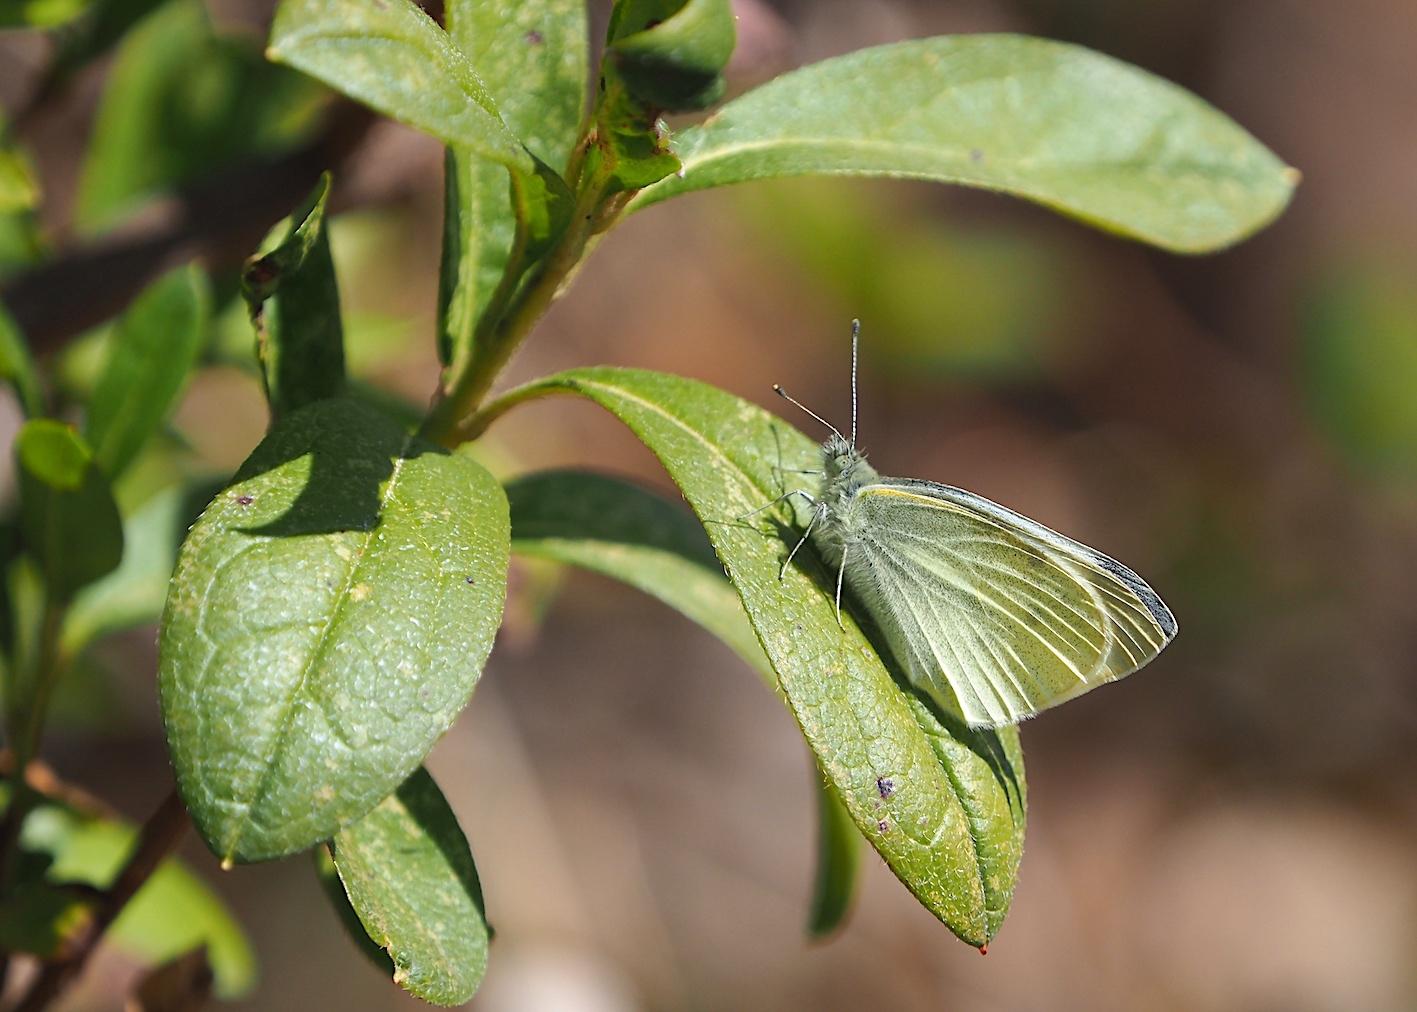 越冬蝶2種と新生蝶4種(2021年3月23日)_d0303129_10145510.jpg